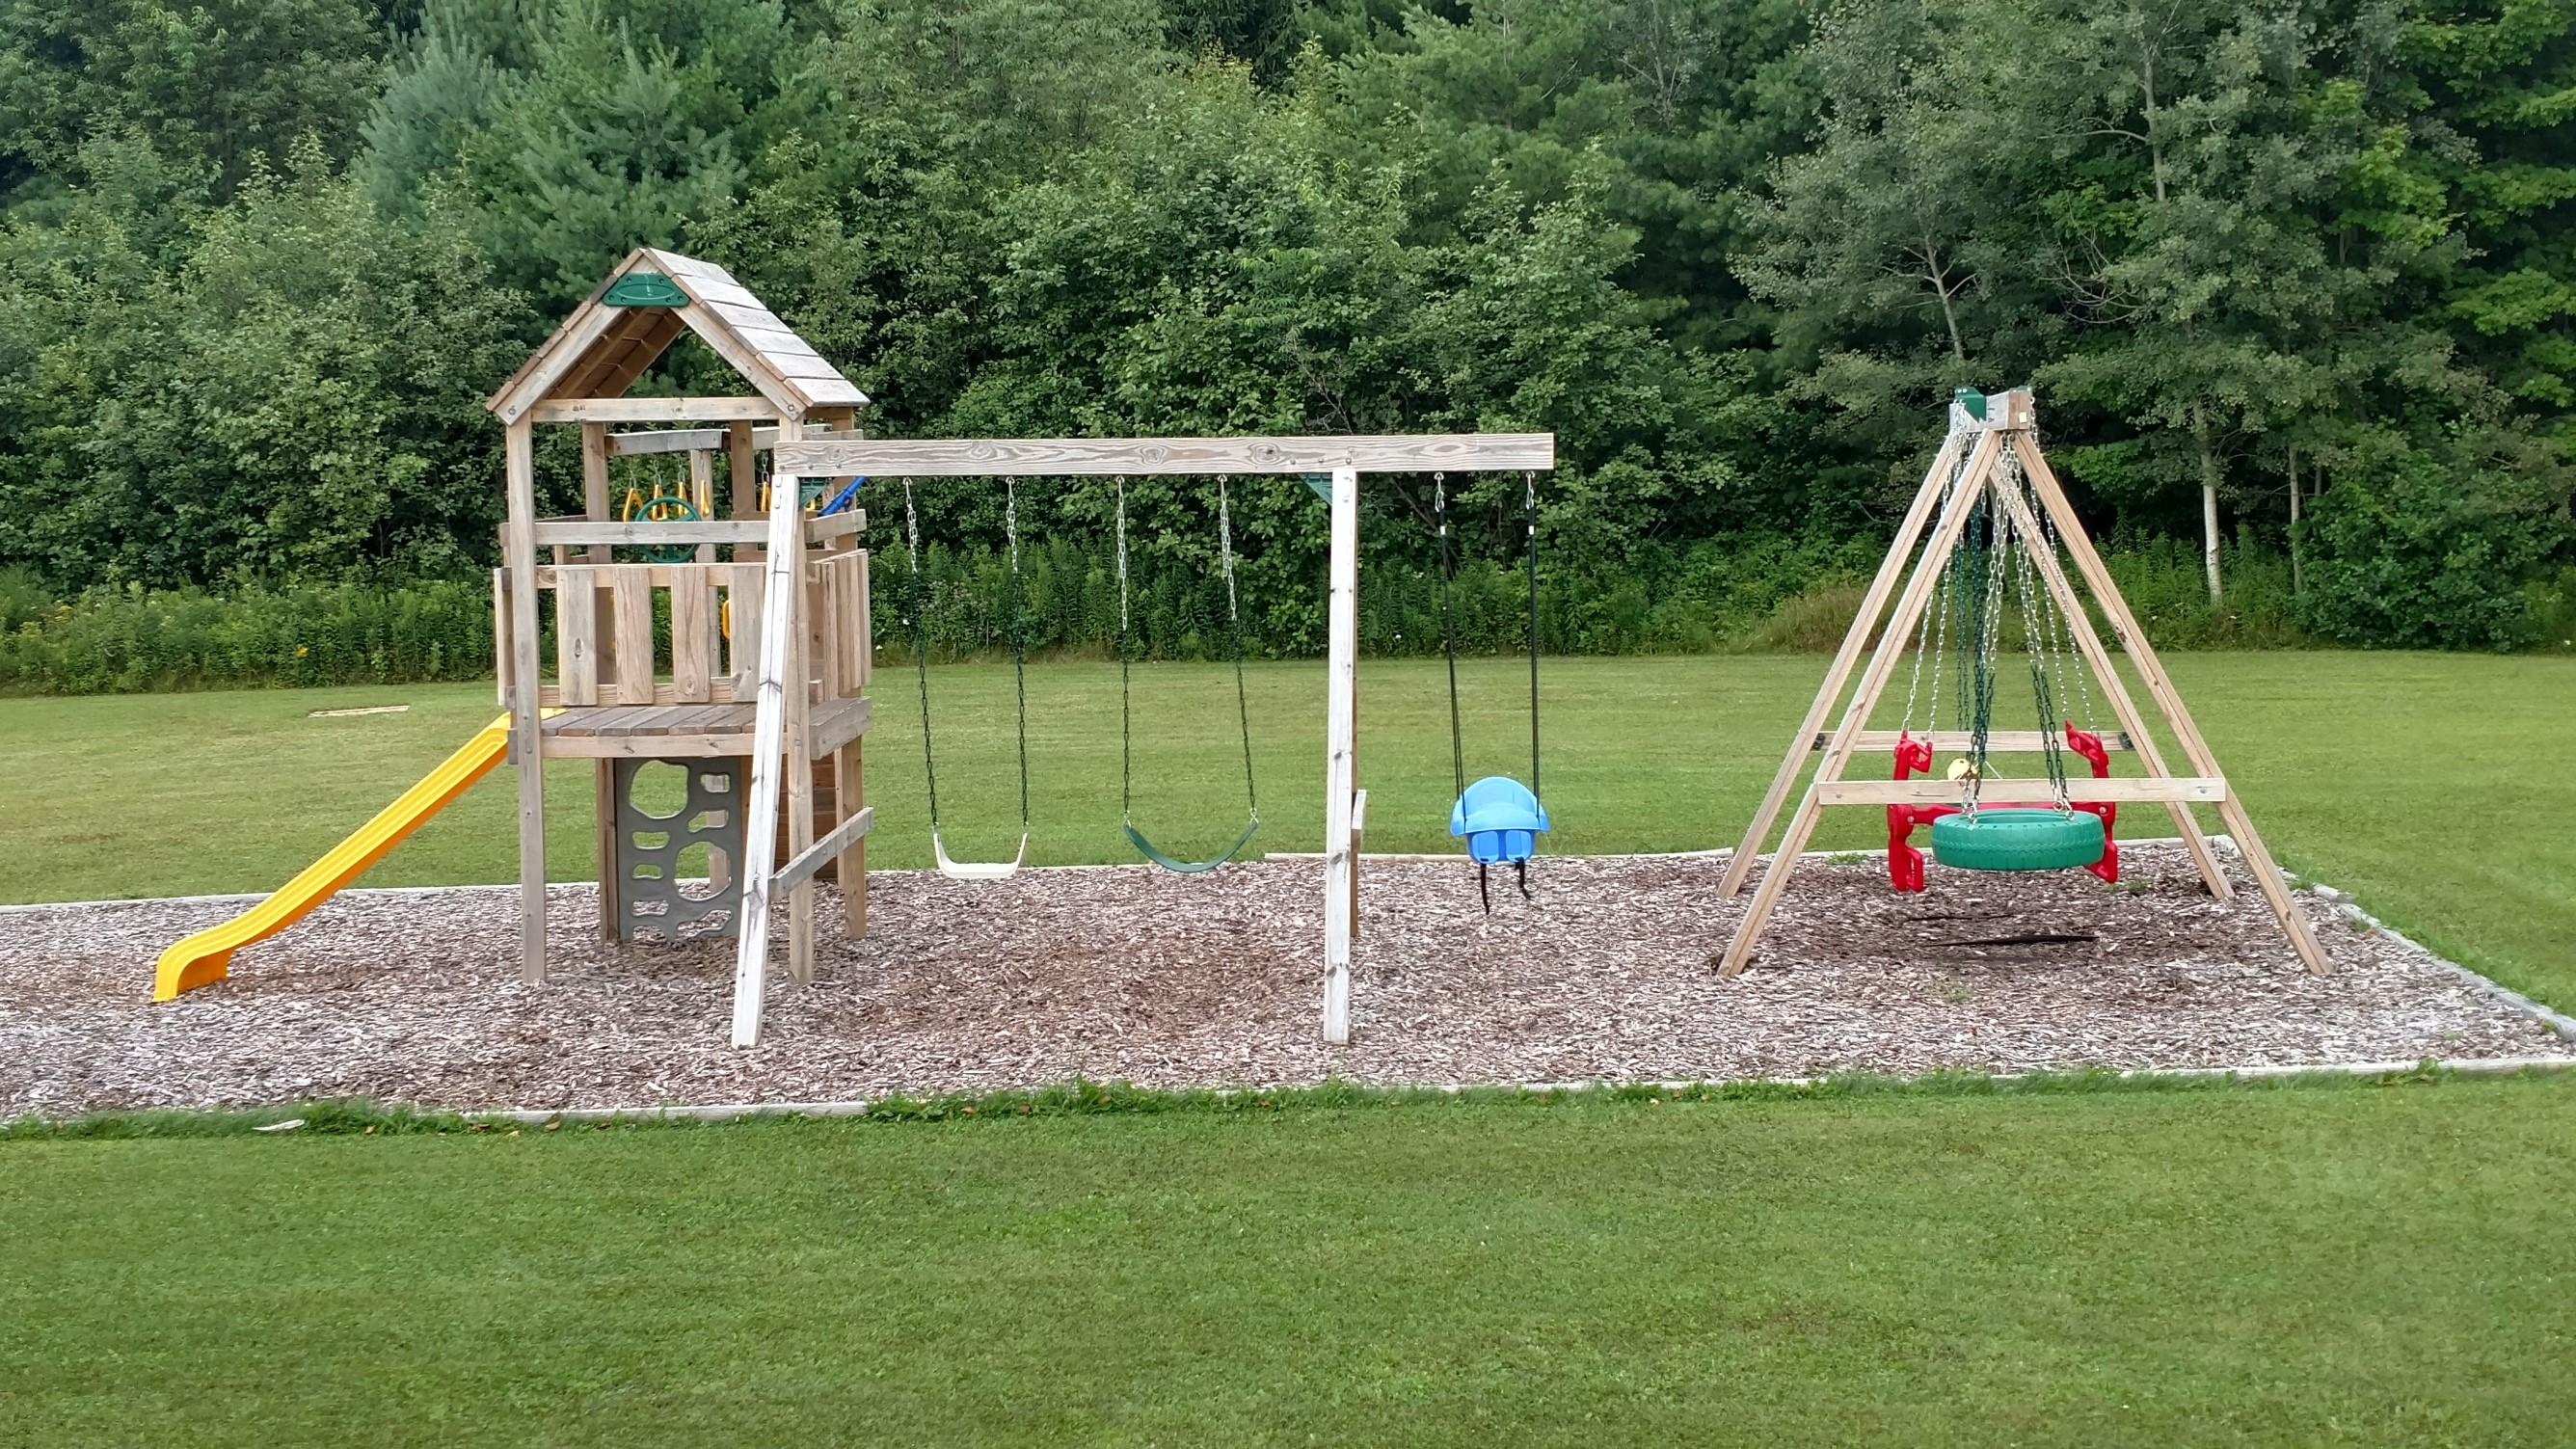 Playground (2672 x 1503)